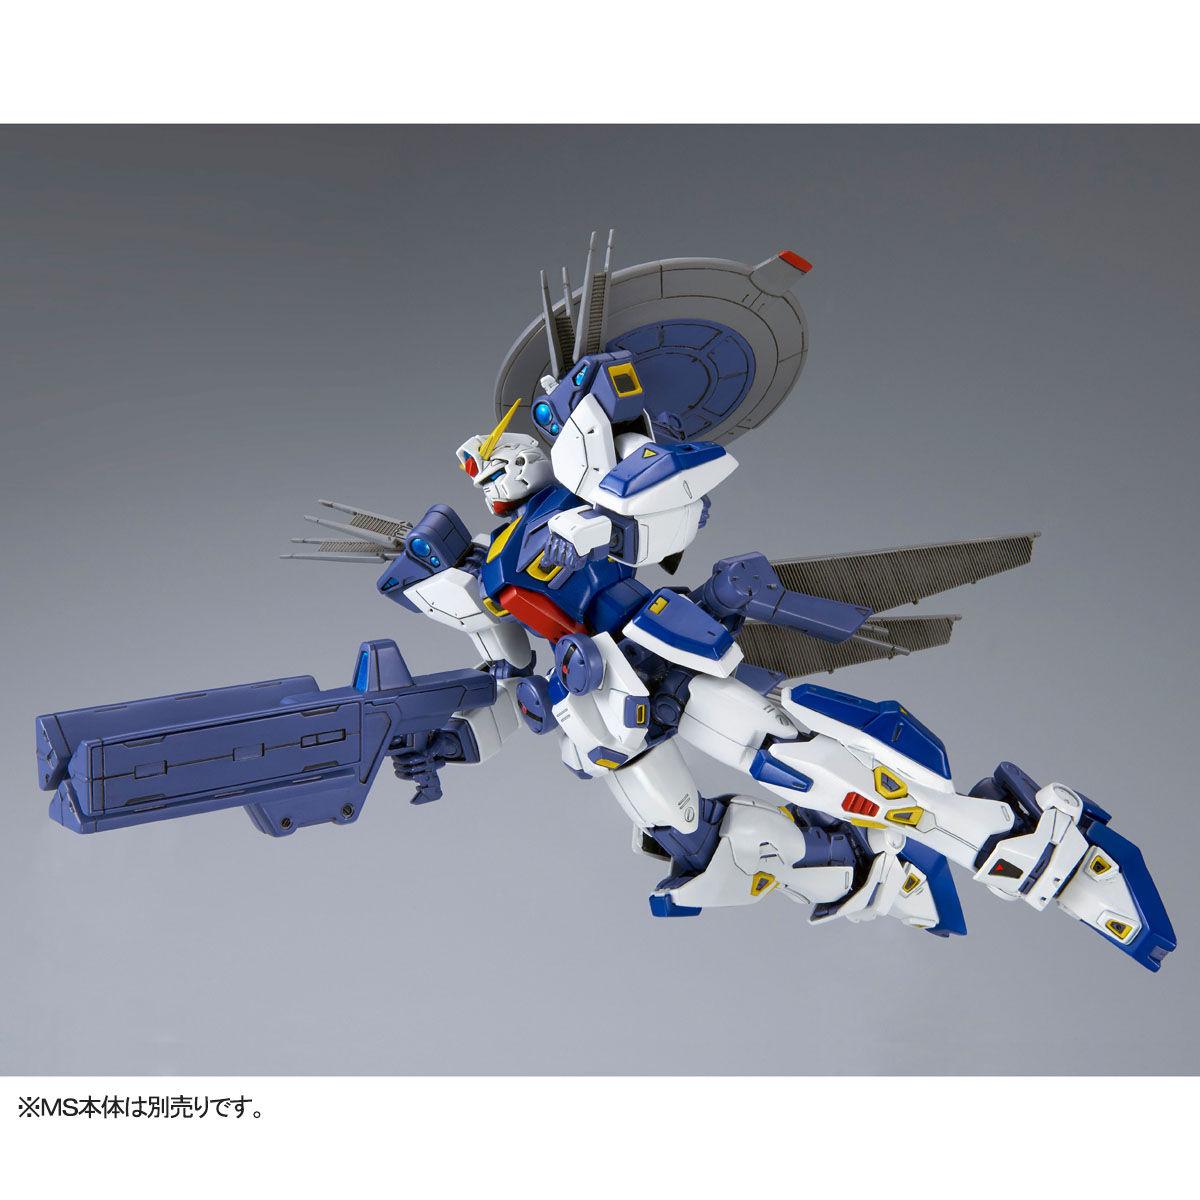 MG 1/100『ガンダムF90用 ミッションパック Eタイプ&Sタイプ』プラモデル-009